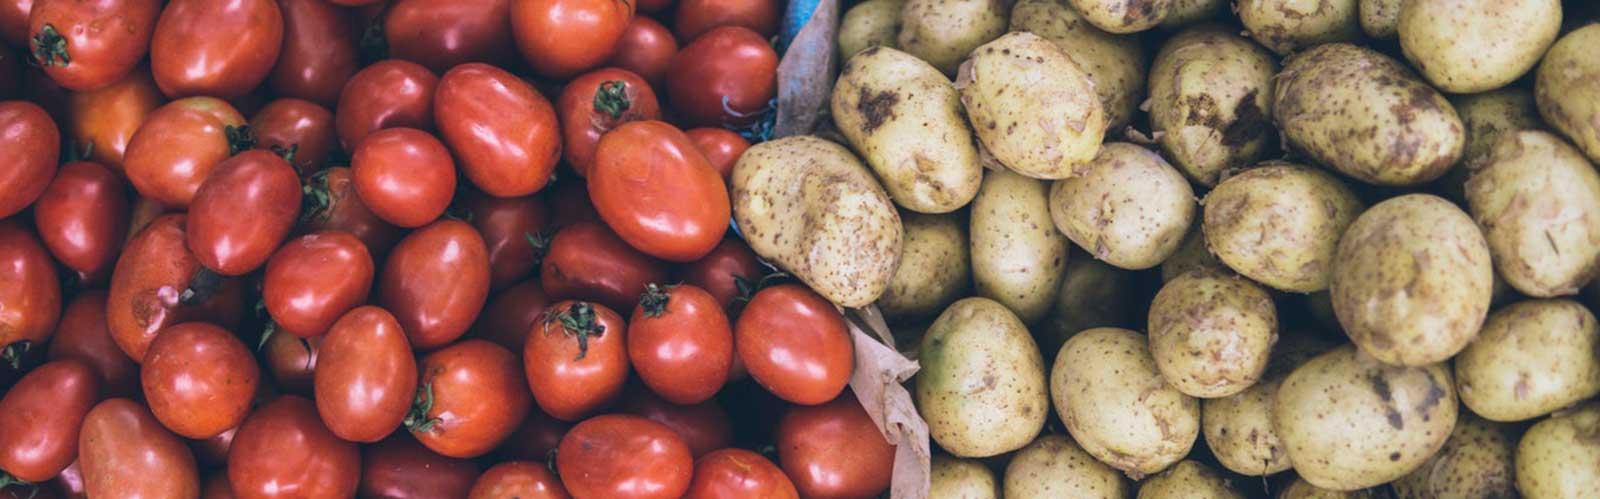 ¿Por qué es importante comer verduras? Imagen 1